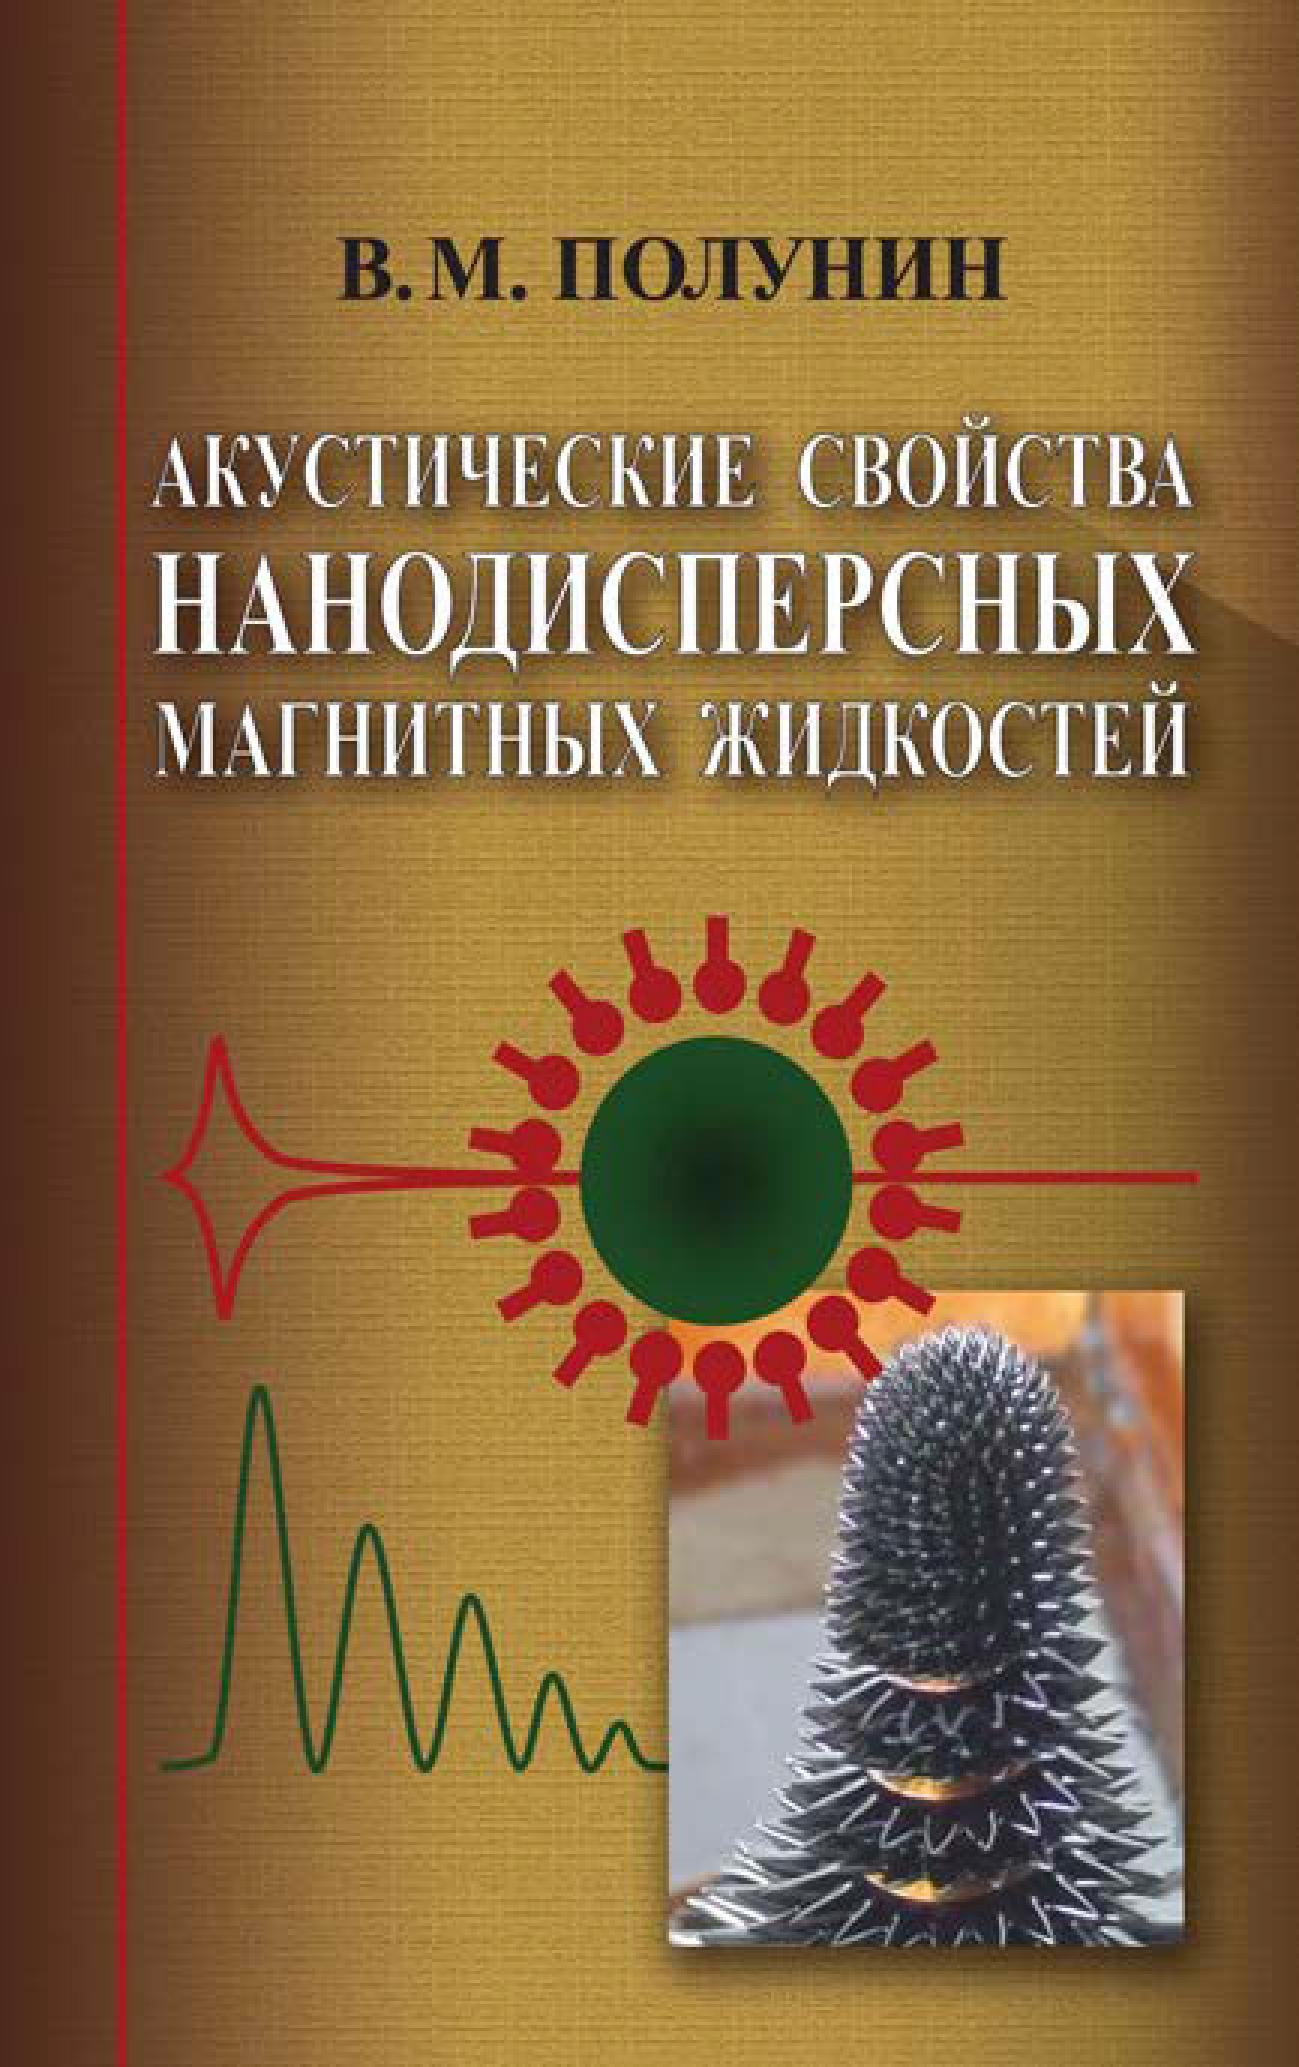 Вячеслав Полунин Акустические свойства нанодисперсных магнитных жидкостей